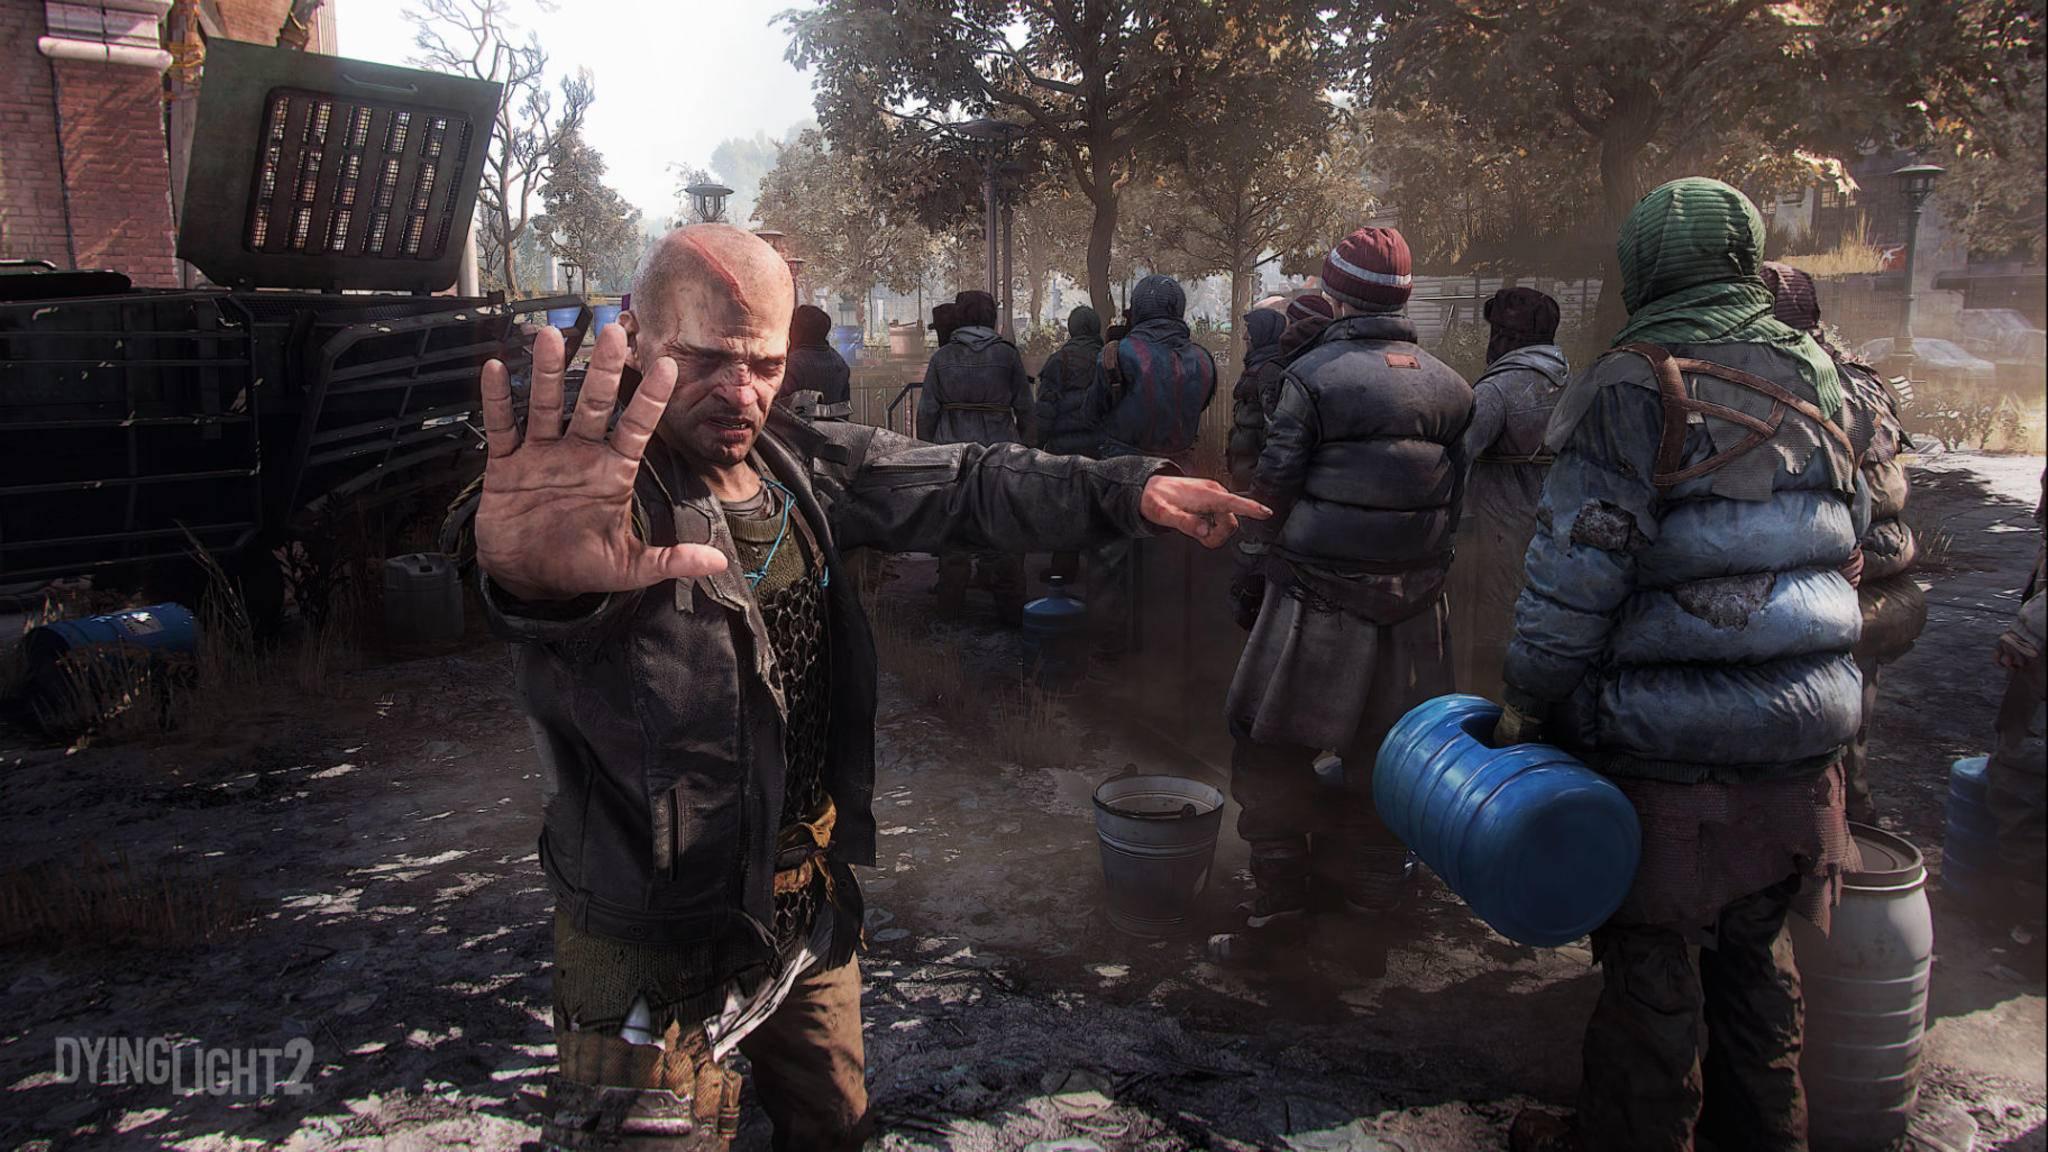 Beim ersten Stehlen ist die Hand ab, beim nächsten Mal wird man gehängt – bei Straftaten kennen die Peacekeeper keine Gnade.